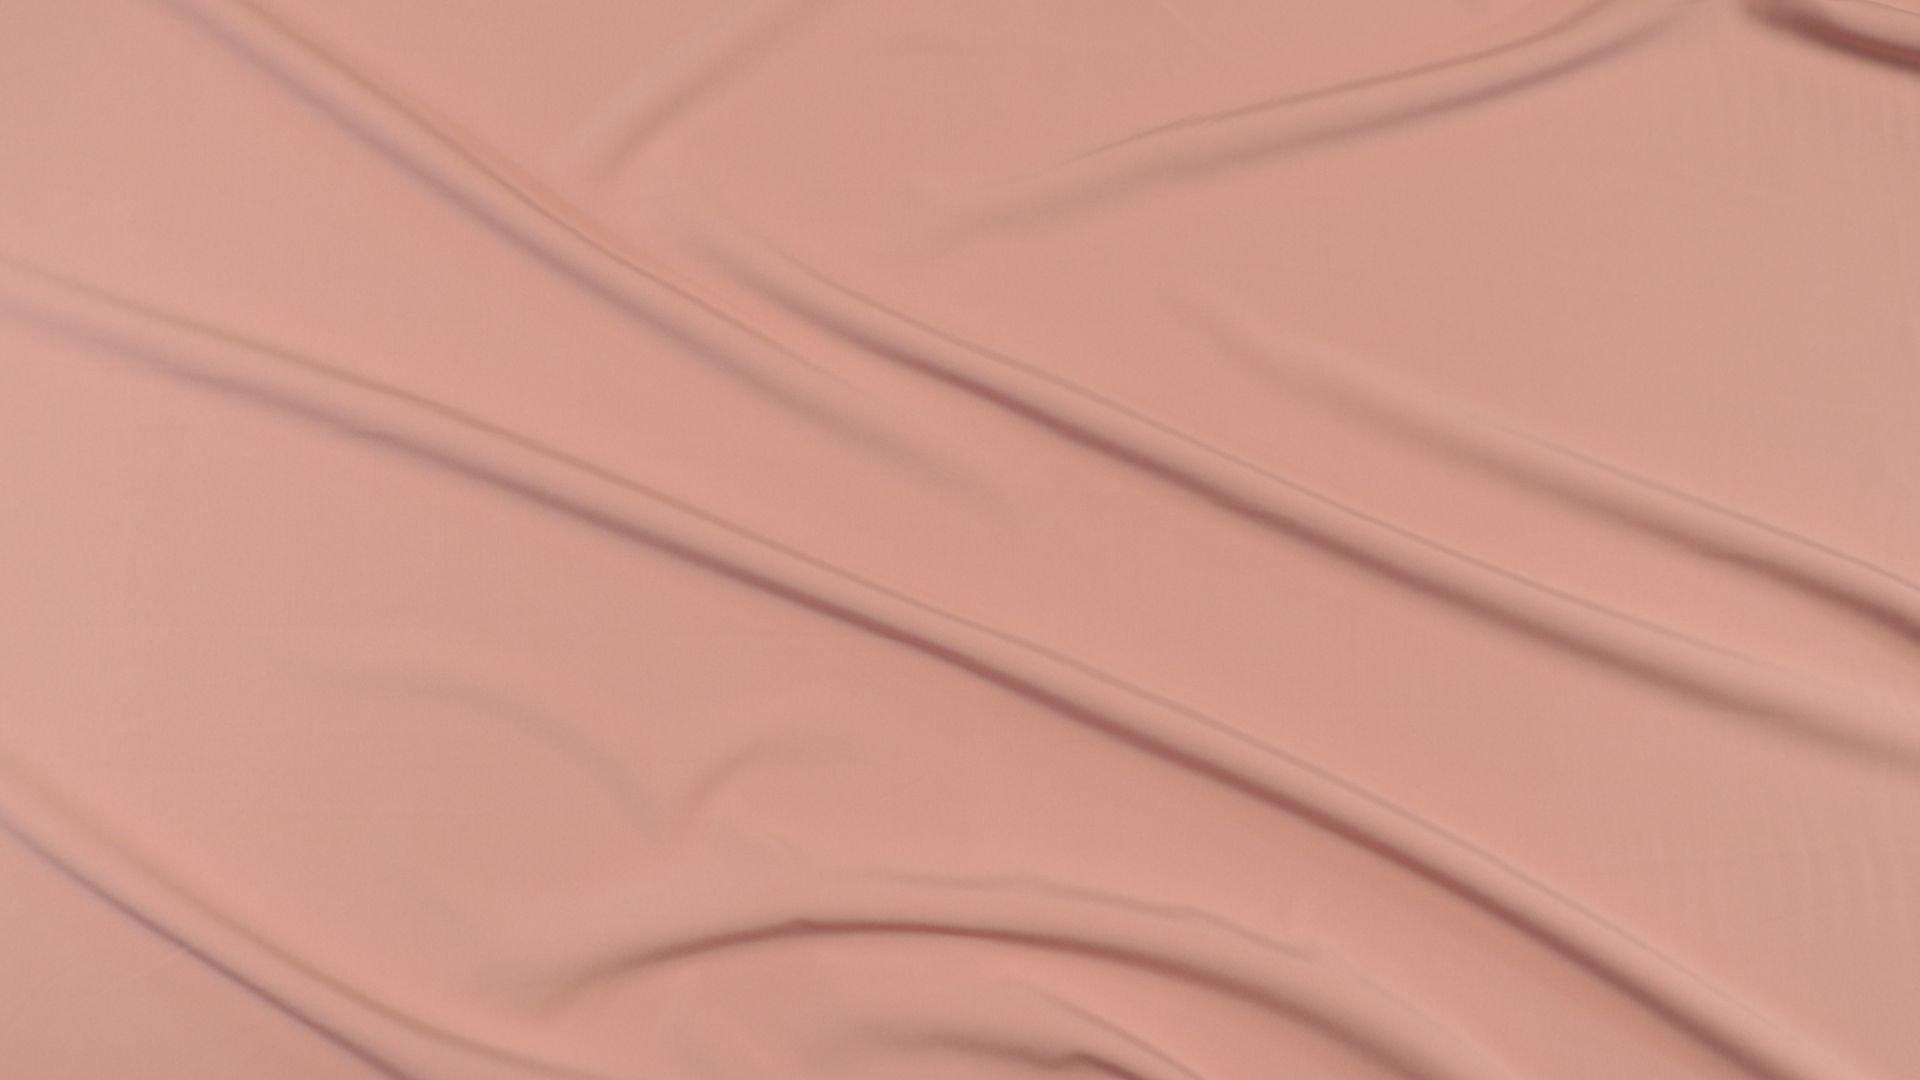 il particolare del tessuto praga, appartenente alla categoria uniti serici, di Leadford & Logan